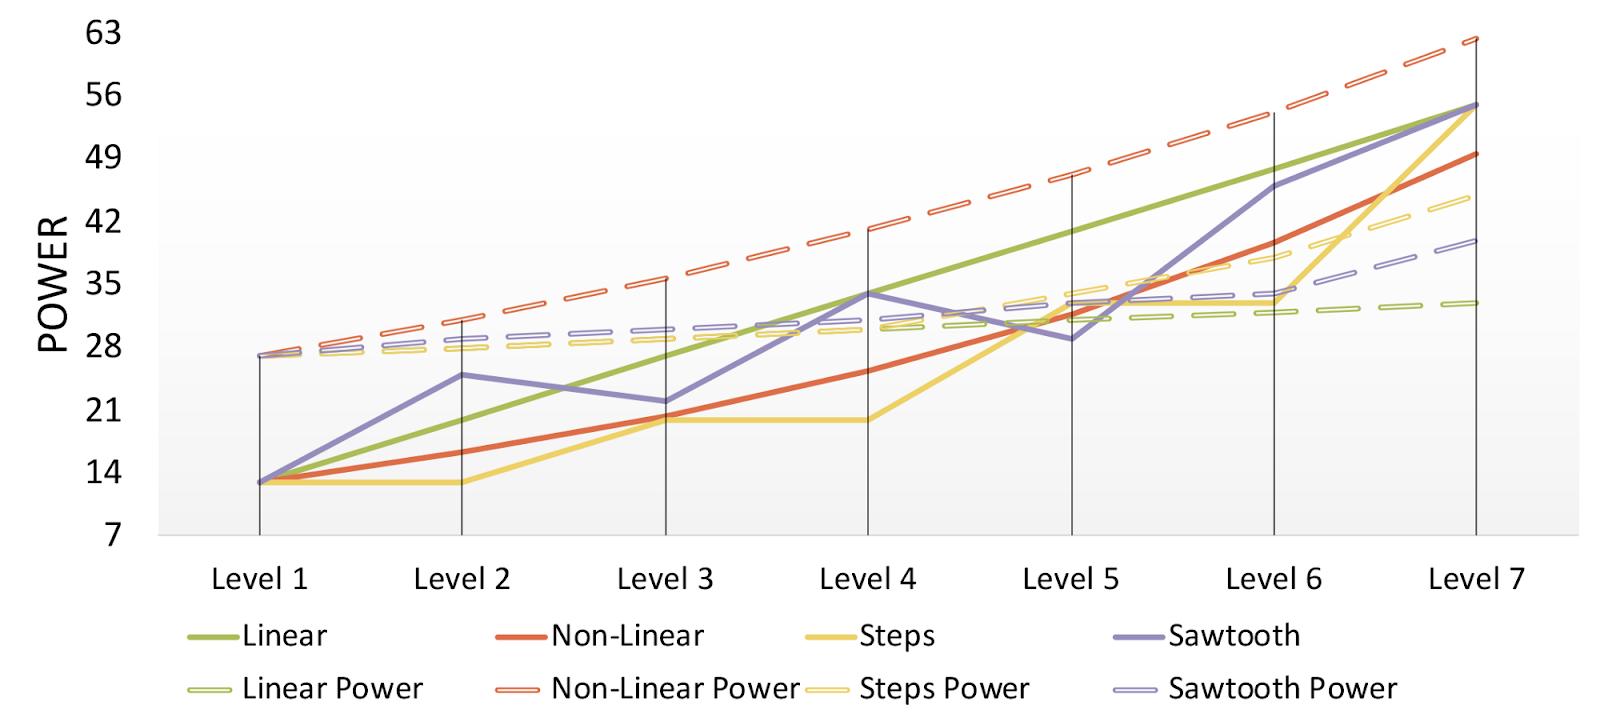 Как мощность влияет на геймплей: численный подход к дизайну игры для достижения ее честности - 5